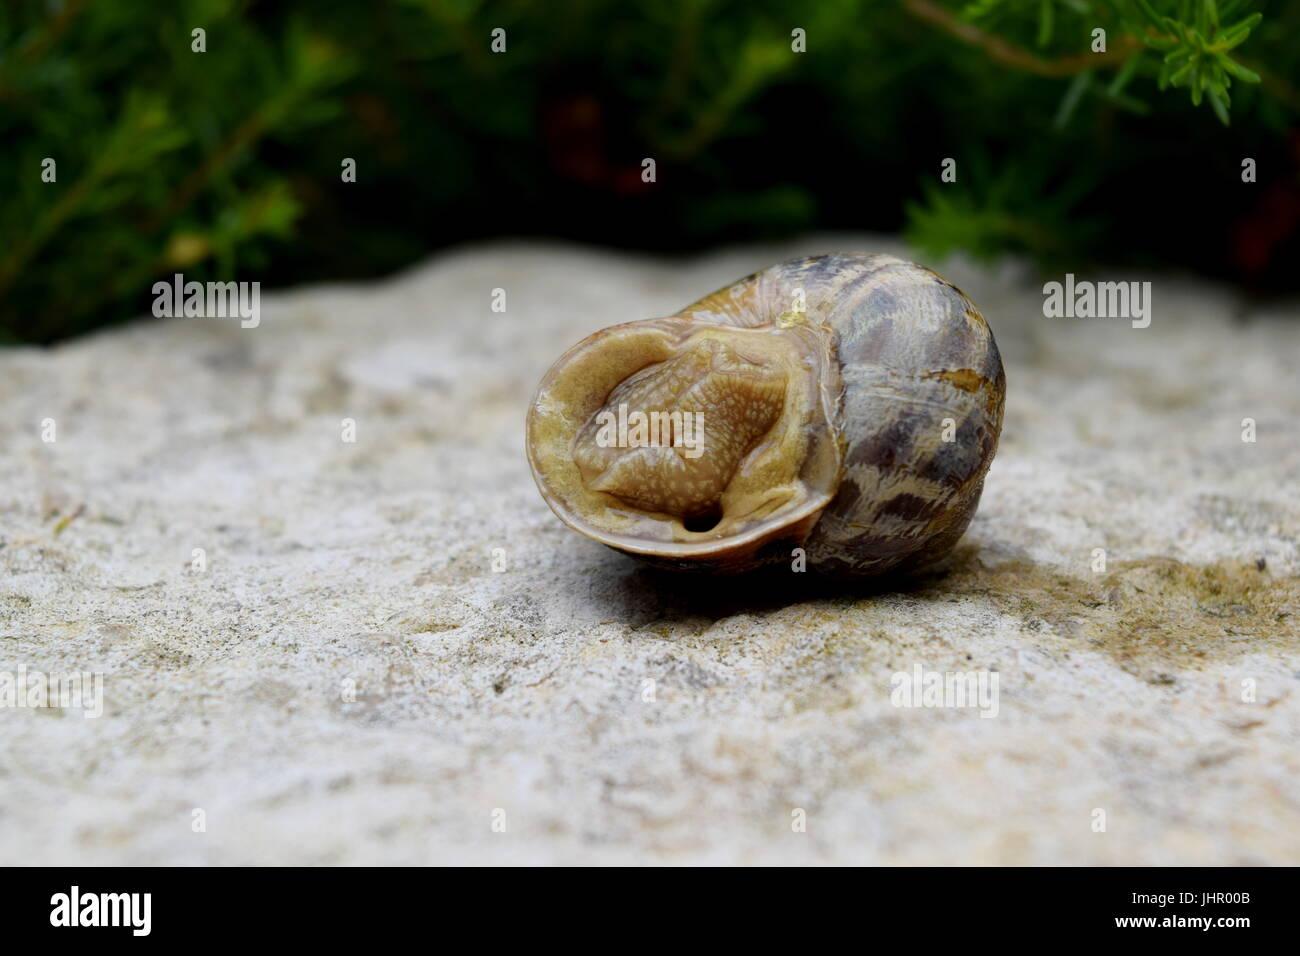 Caracol tumbado de nuevo en piedra tosca con follaje verde en segundo plano. Imagen De Stock